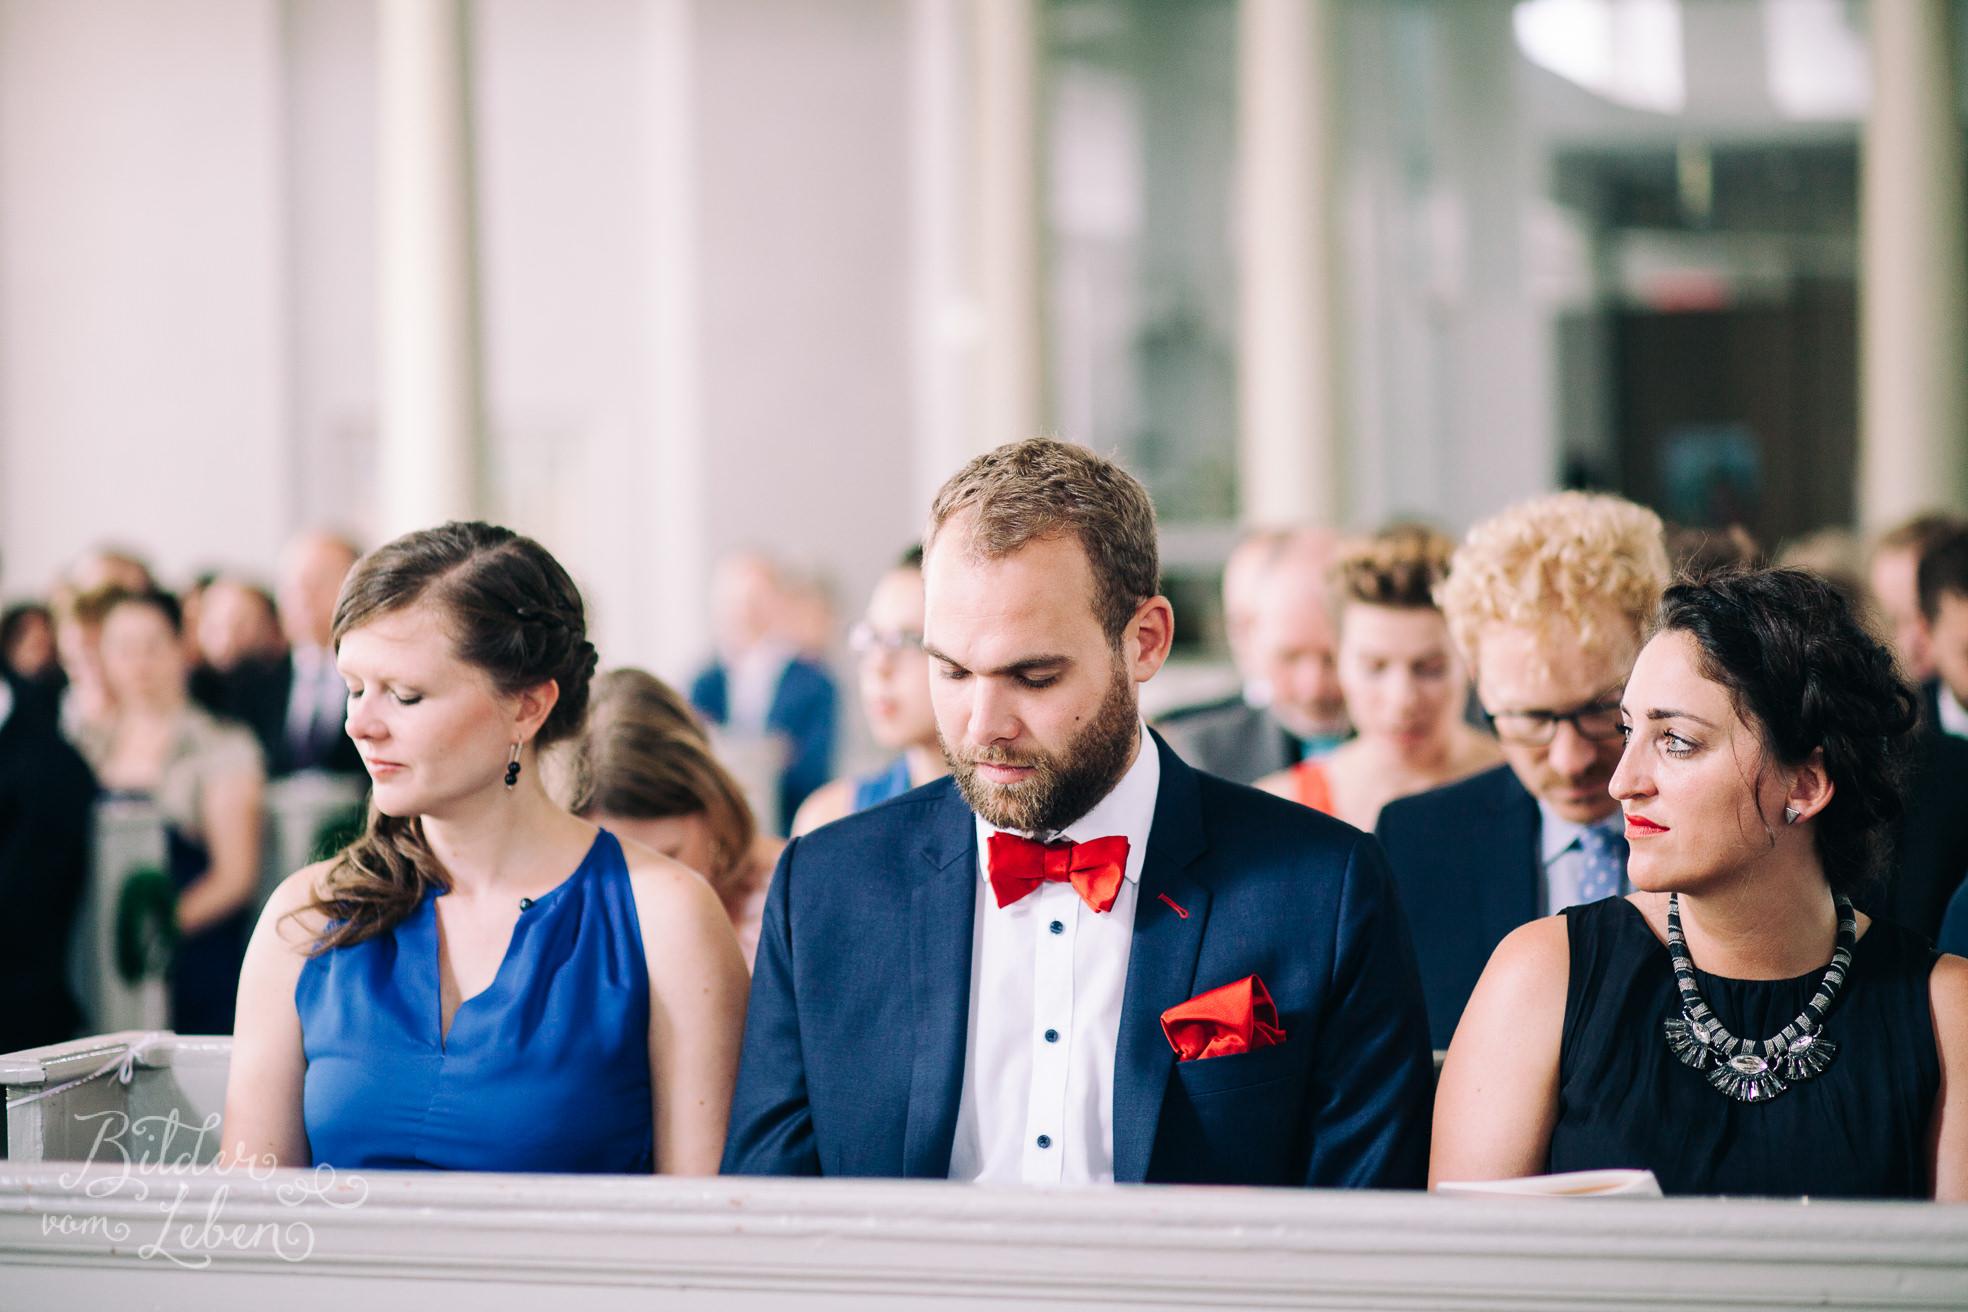 Franzi-Mike-Hochzeitsfotos-Triesdorf-_MG_9298